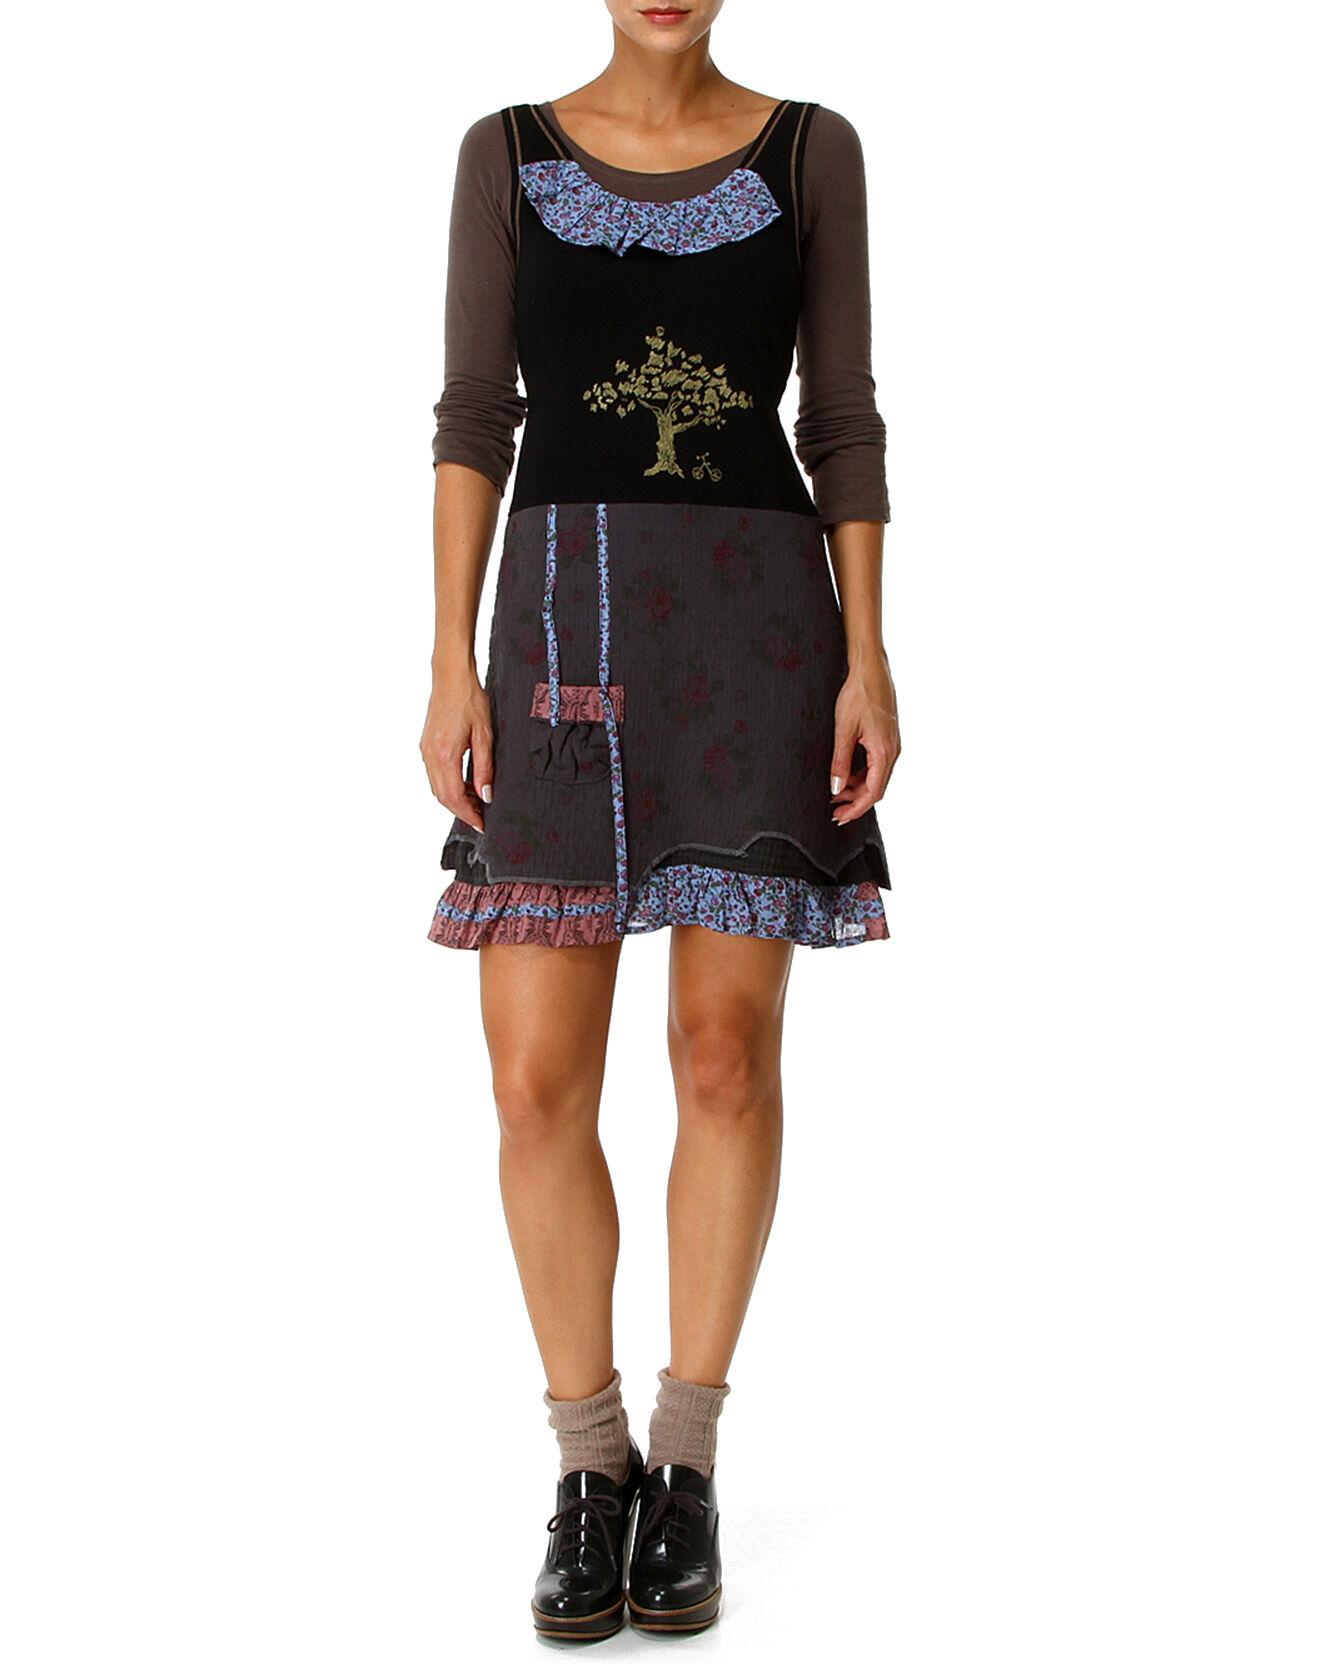 Robe seneca noire